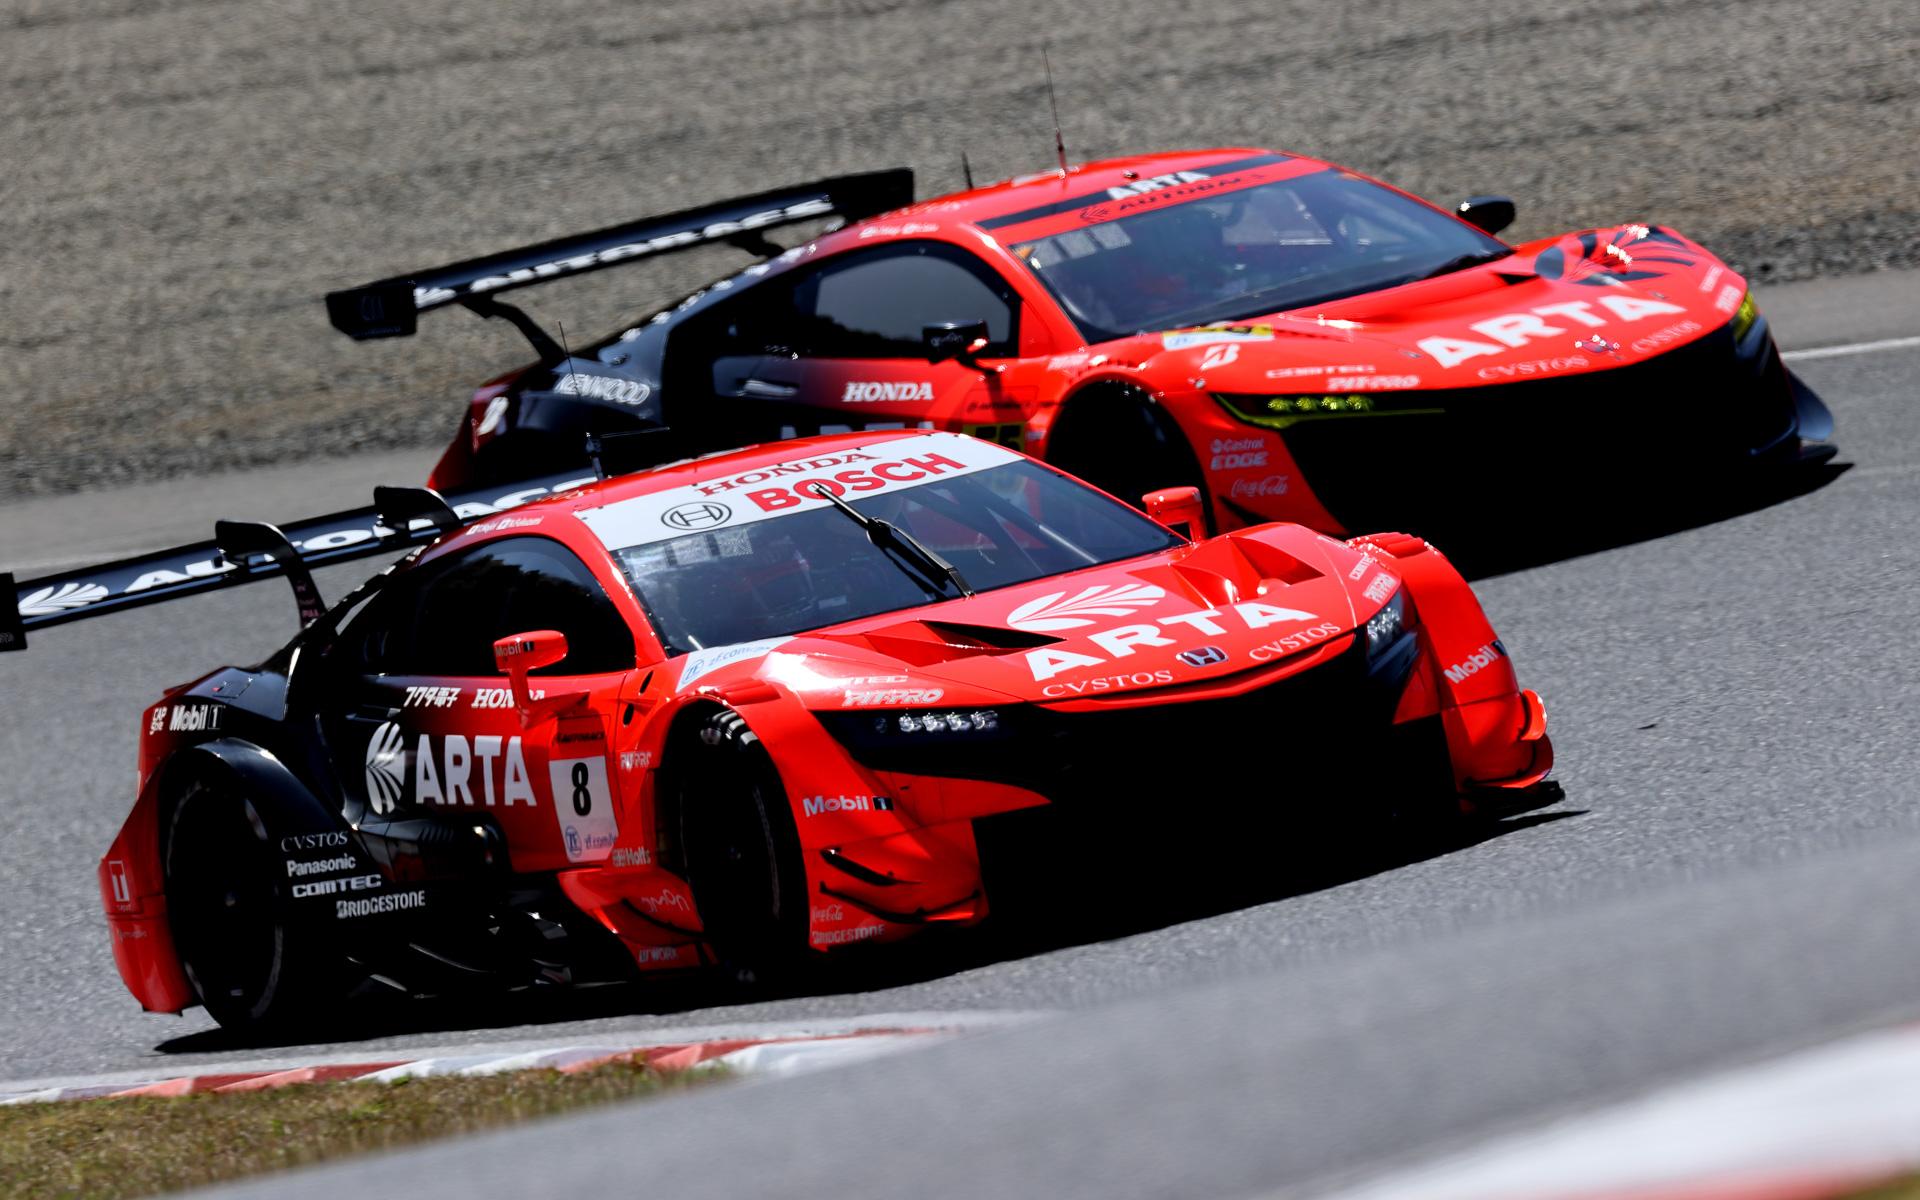 当日は栃木県にあるツインリンクもてぎにてSUPER GT 第4戦が開催される